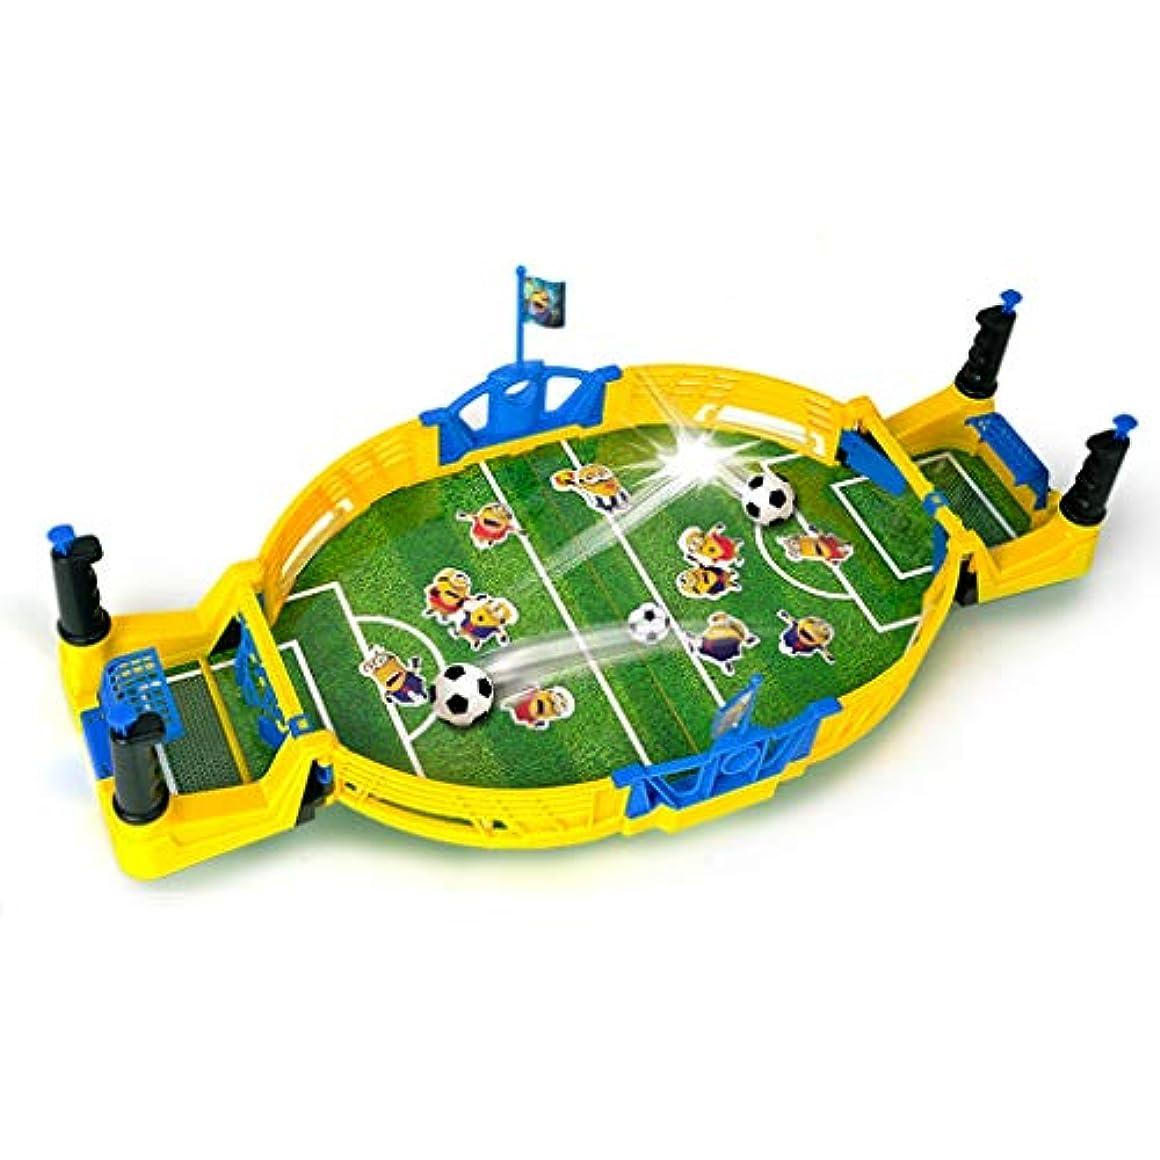 失望させる前部幸福テーブルサッカー機子供のダブルゲームコンソール親子インタラクティブボードゲームリトルイエローマンテーブルサッカー機ワールドカップ少年のおもちゃギフト (Color : YELLOW, Size : 56.5*27.5*11.5CM)